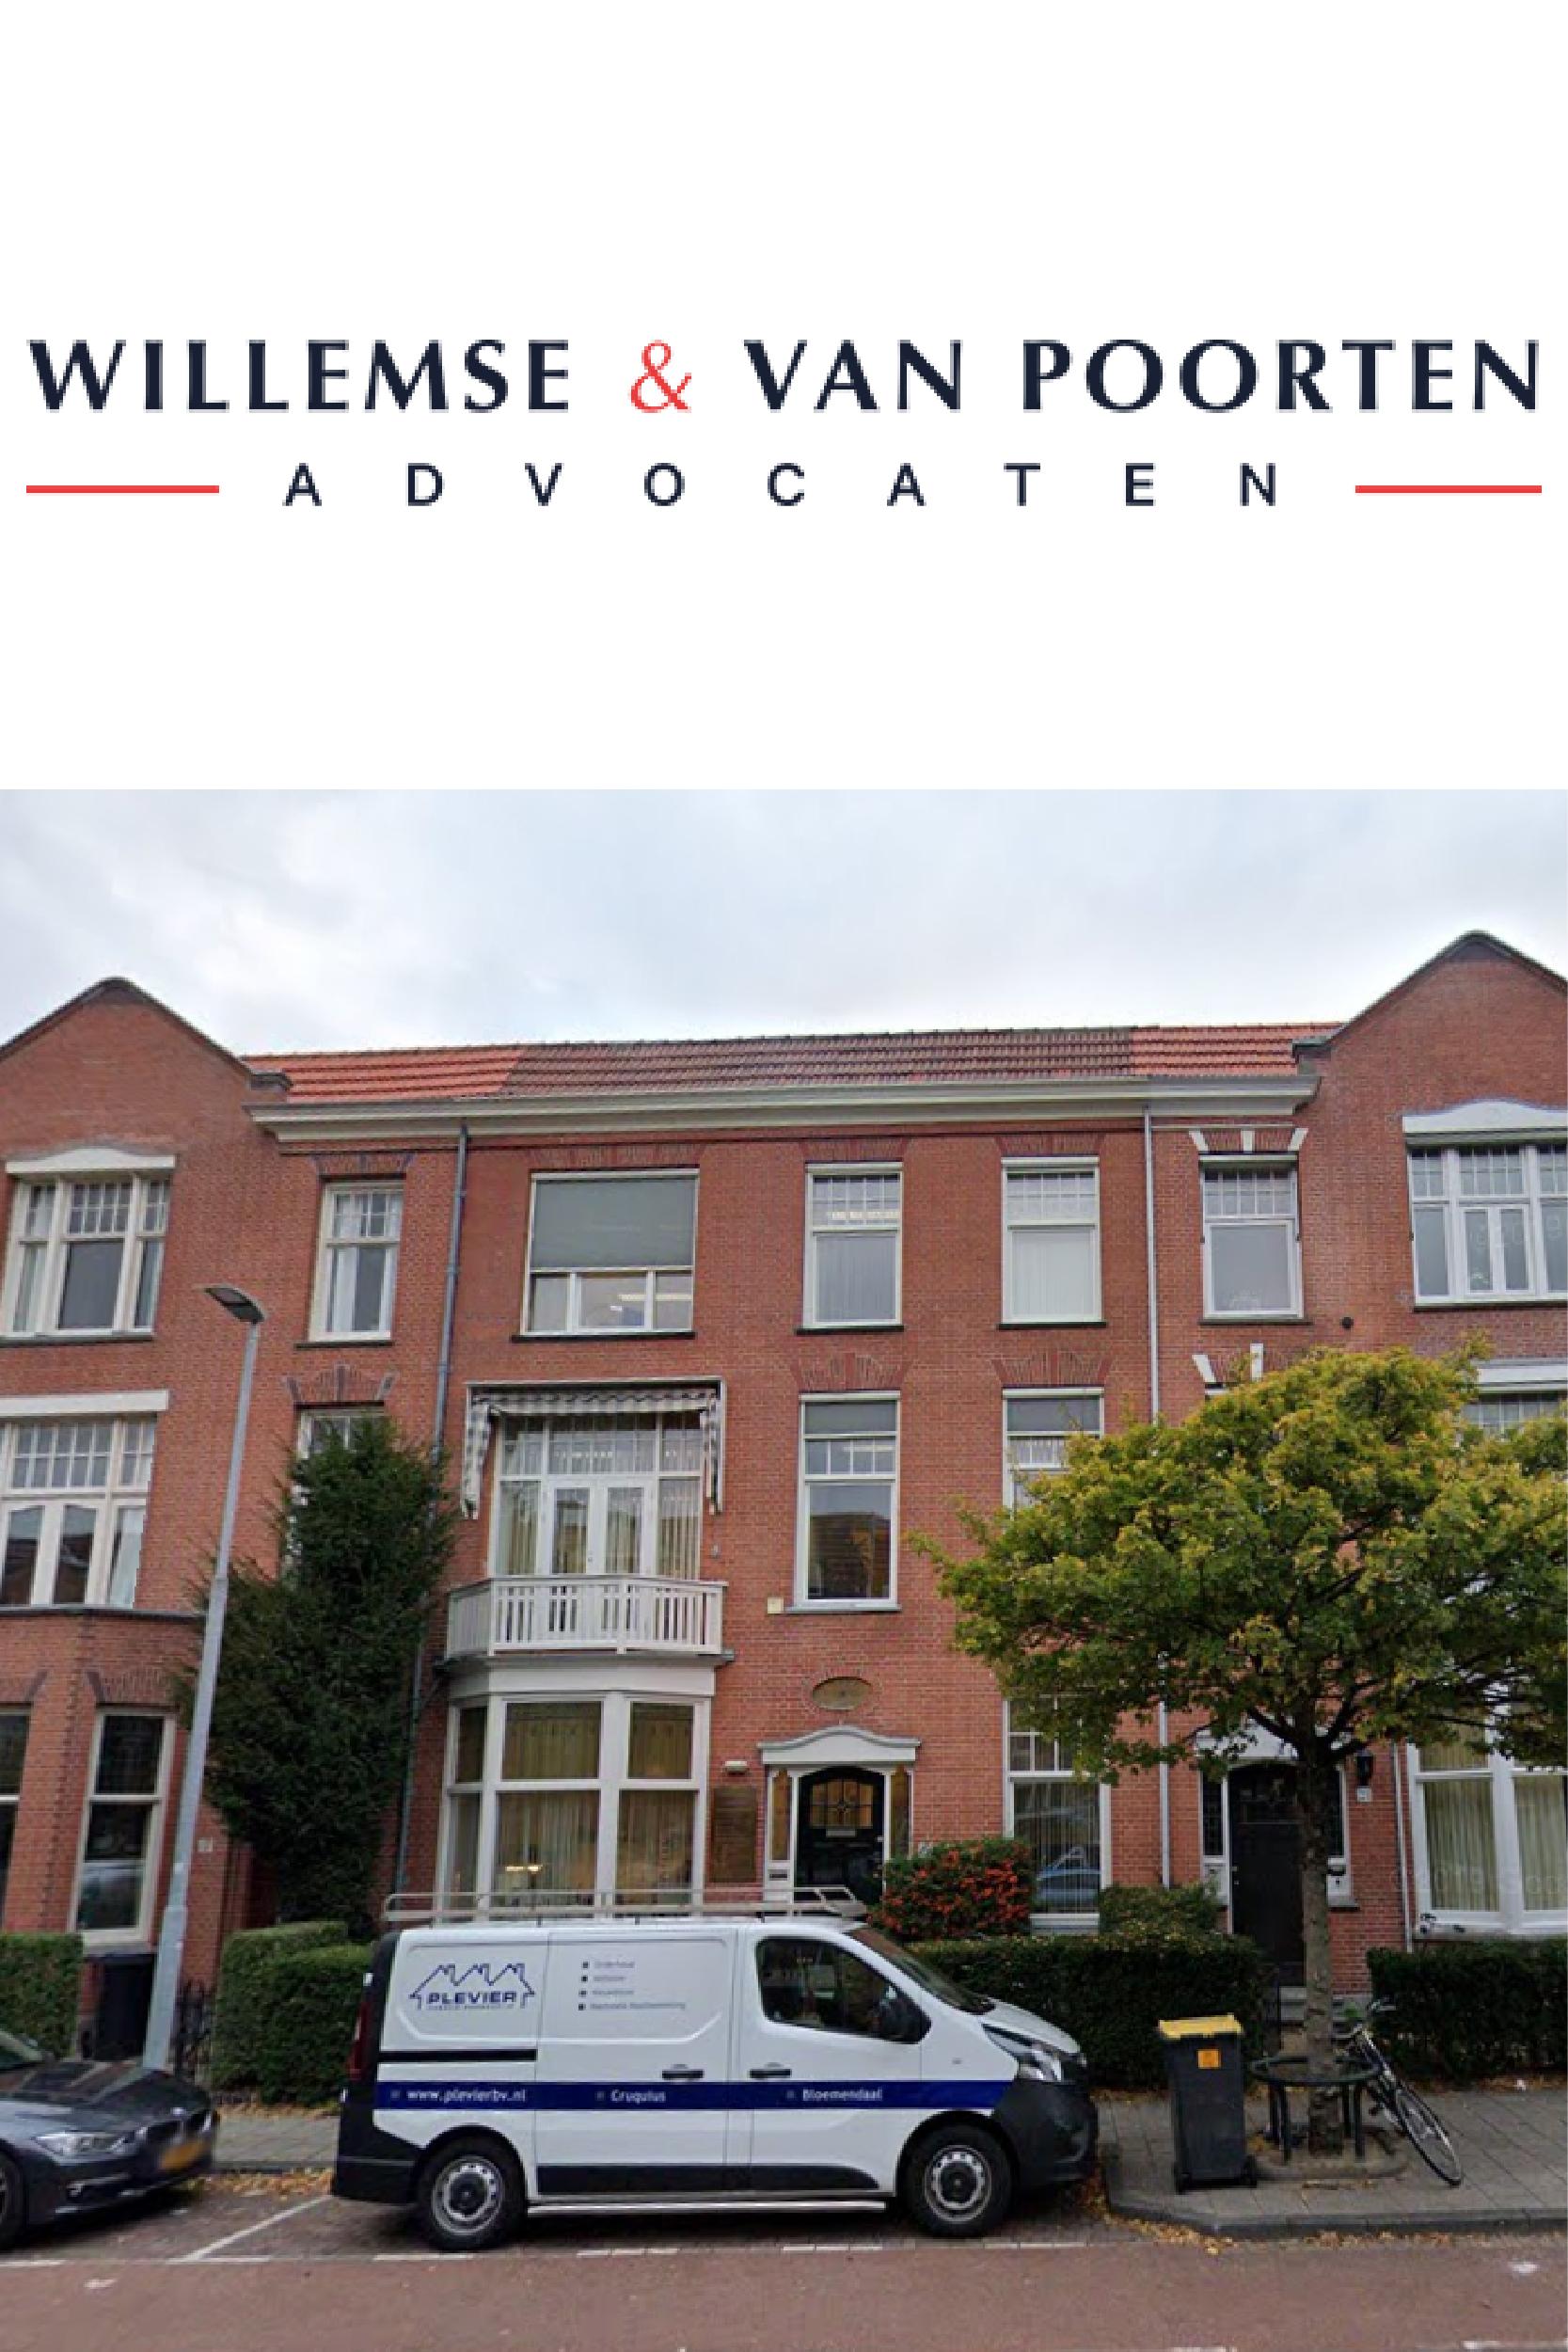 Willemse & Van Poorten Advocaten